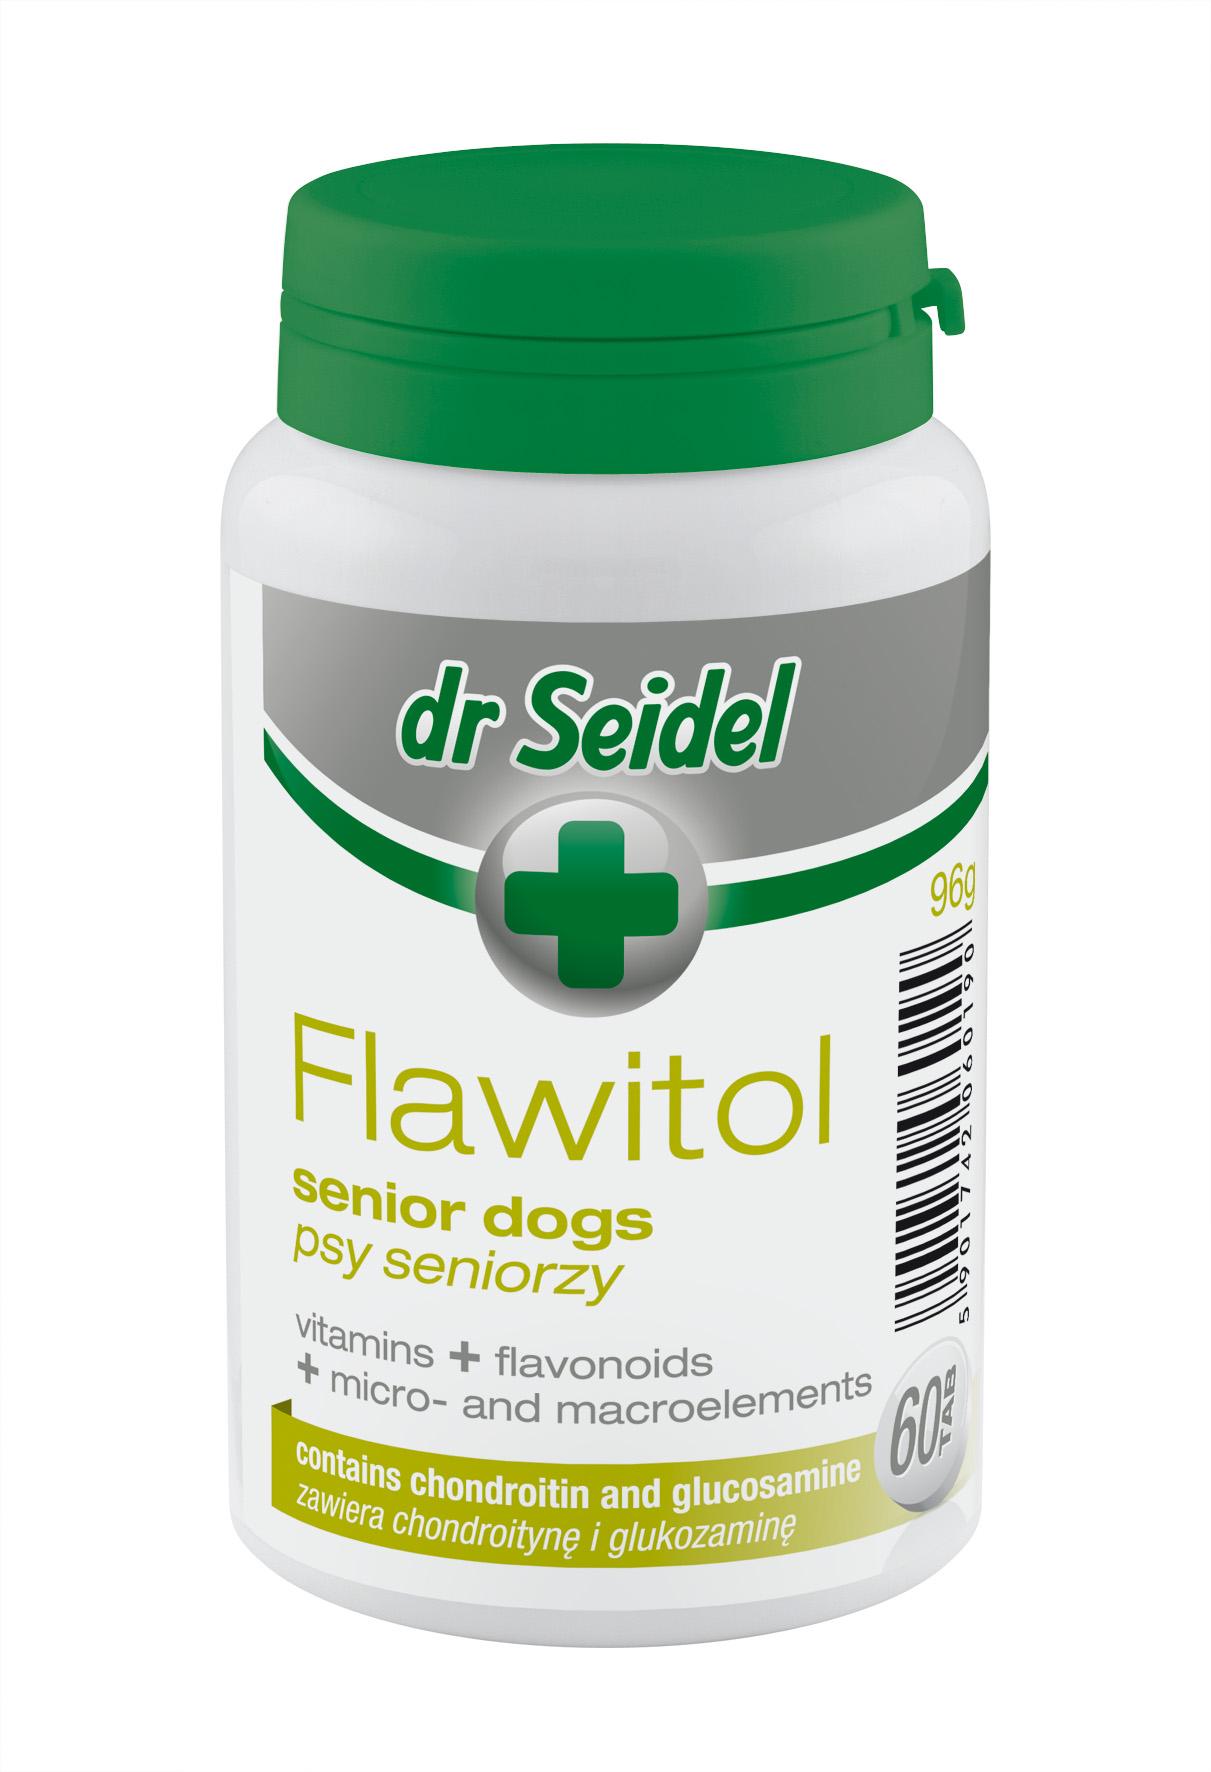 תוסף כונדרויטין וגלוקוזמין לכלבים 60 טבליות